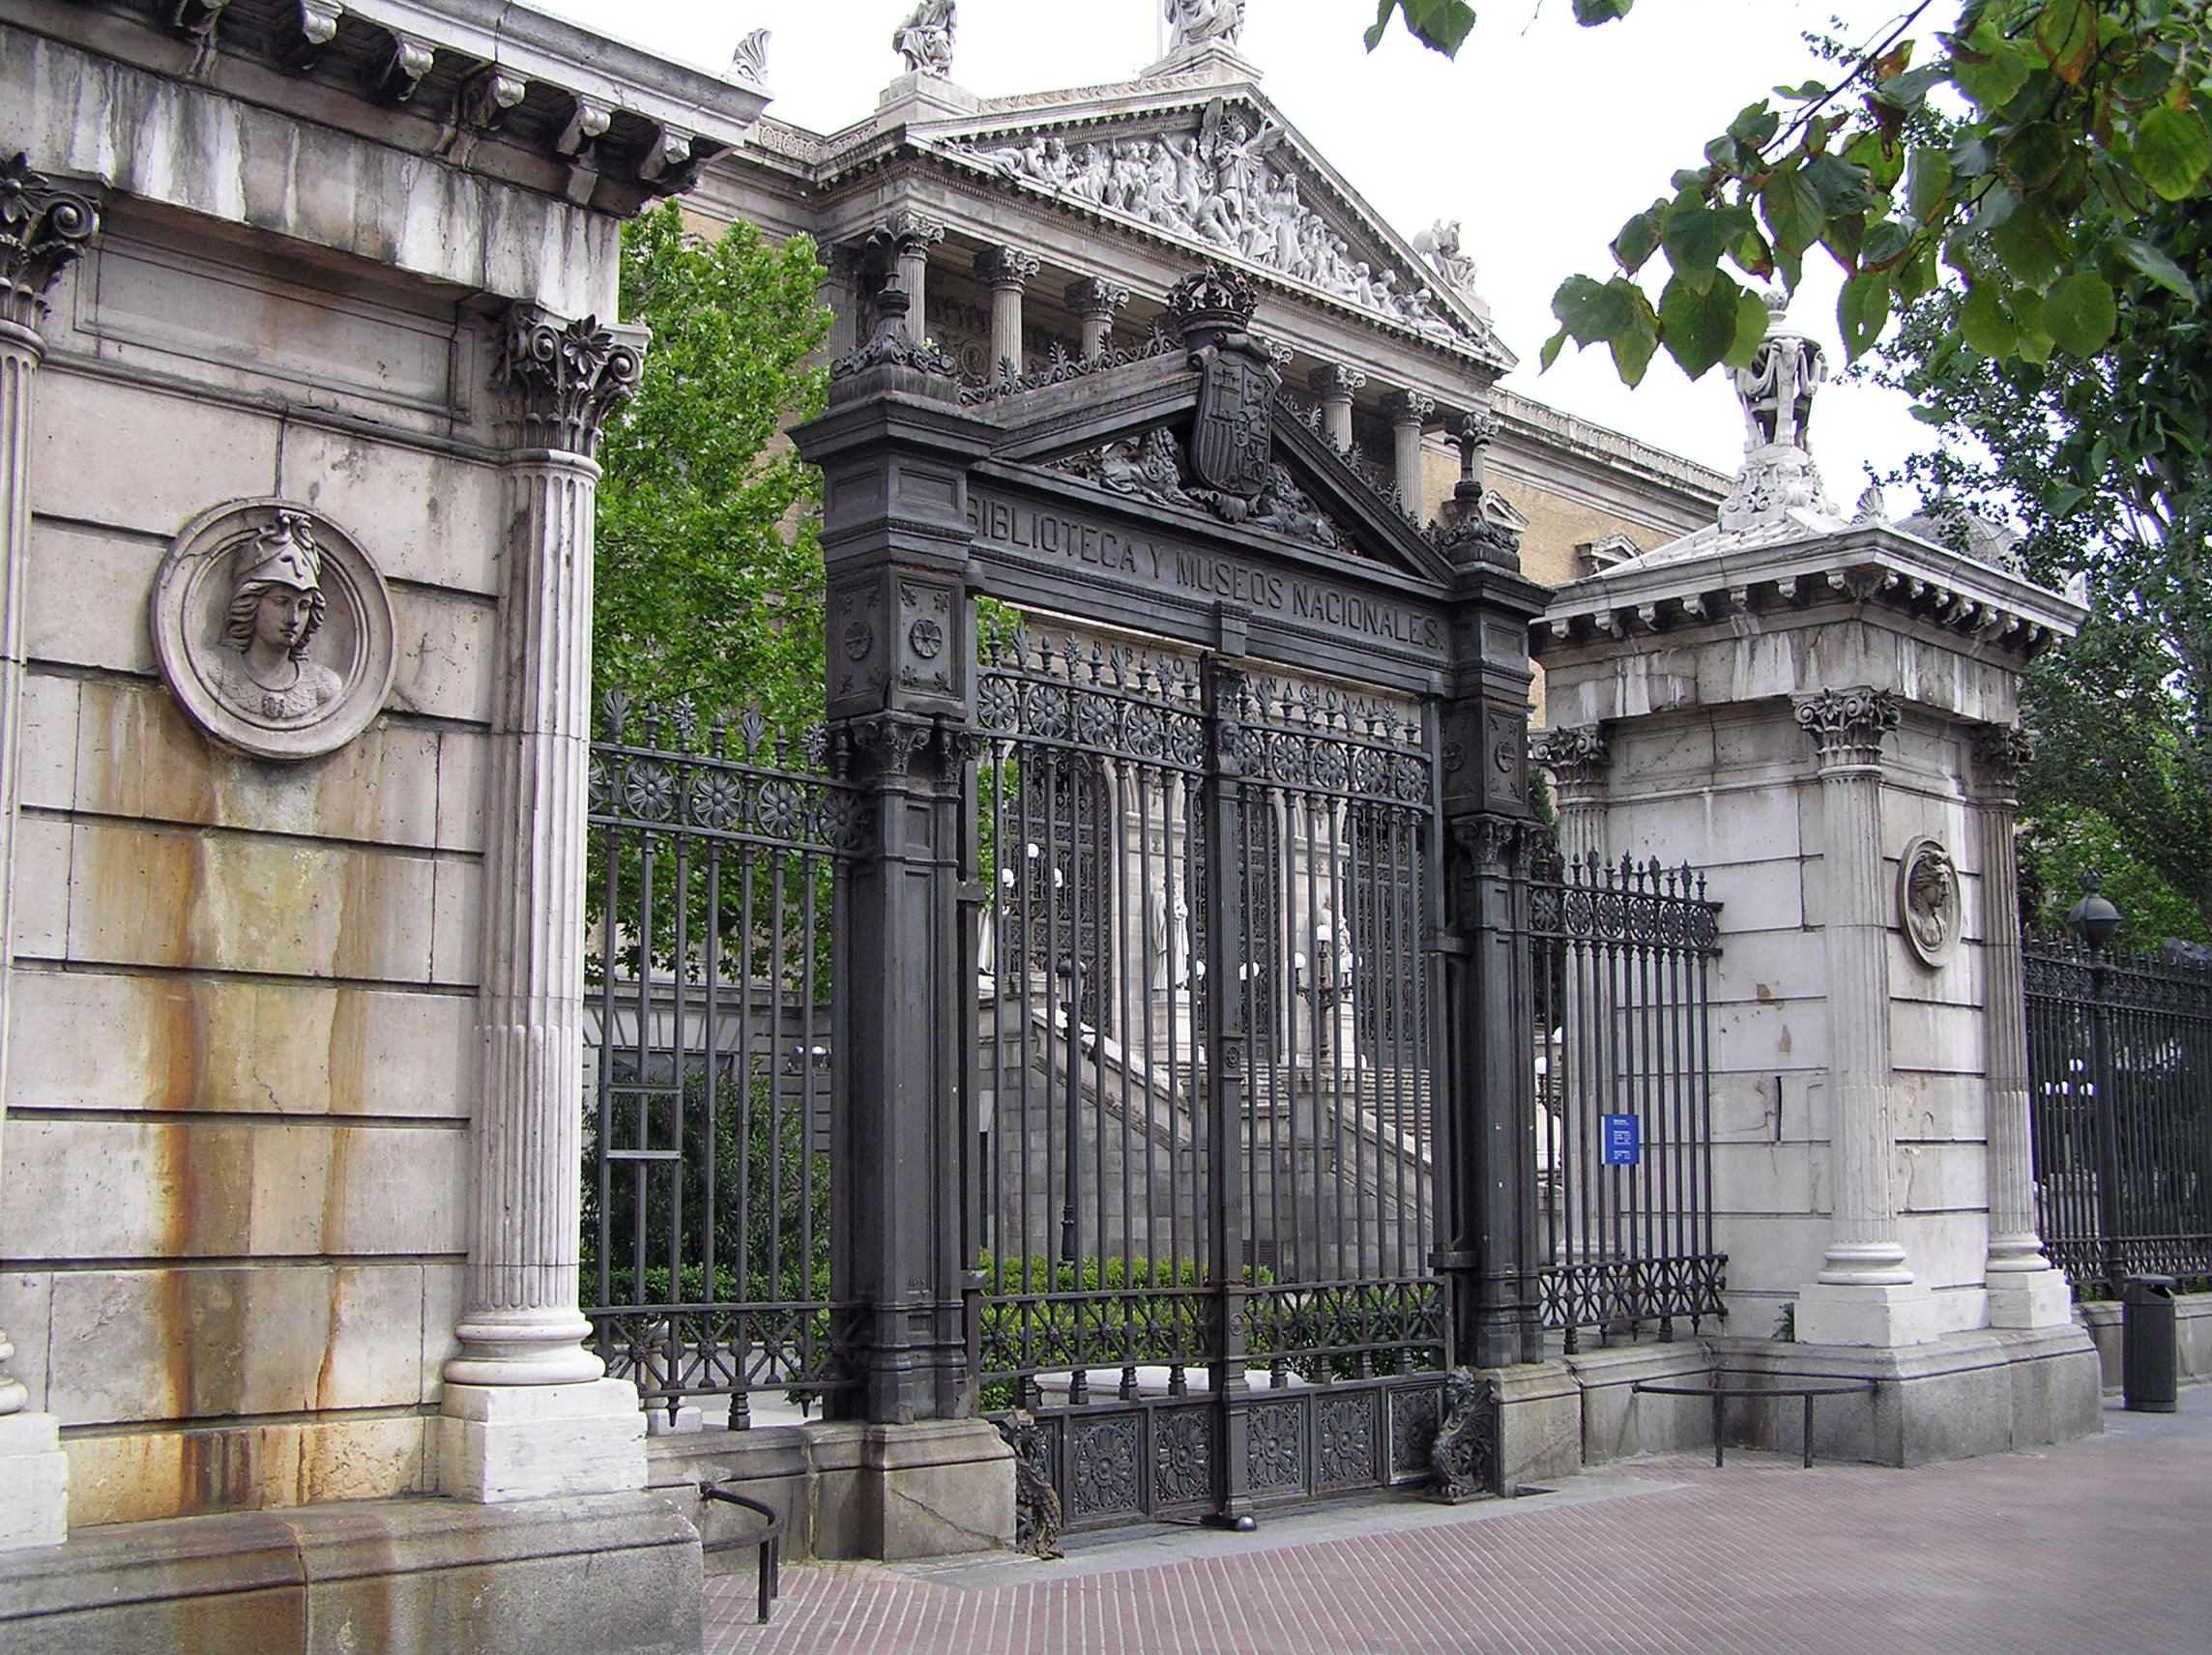 Medallones biblioteca y museos nacionales portal for Biblioteca iglesia madrid